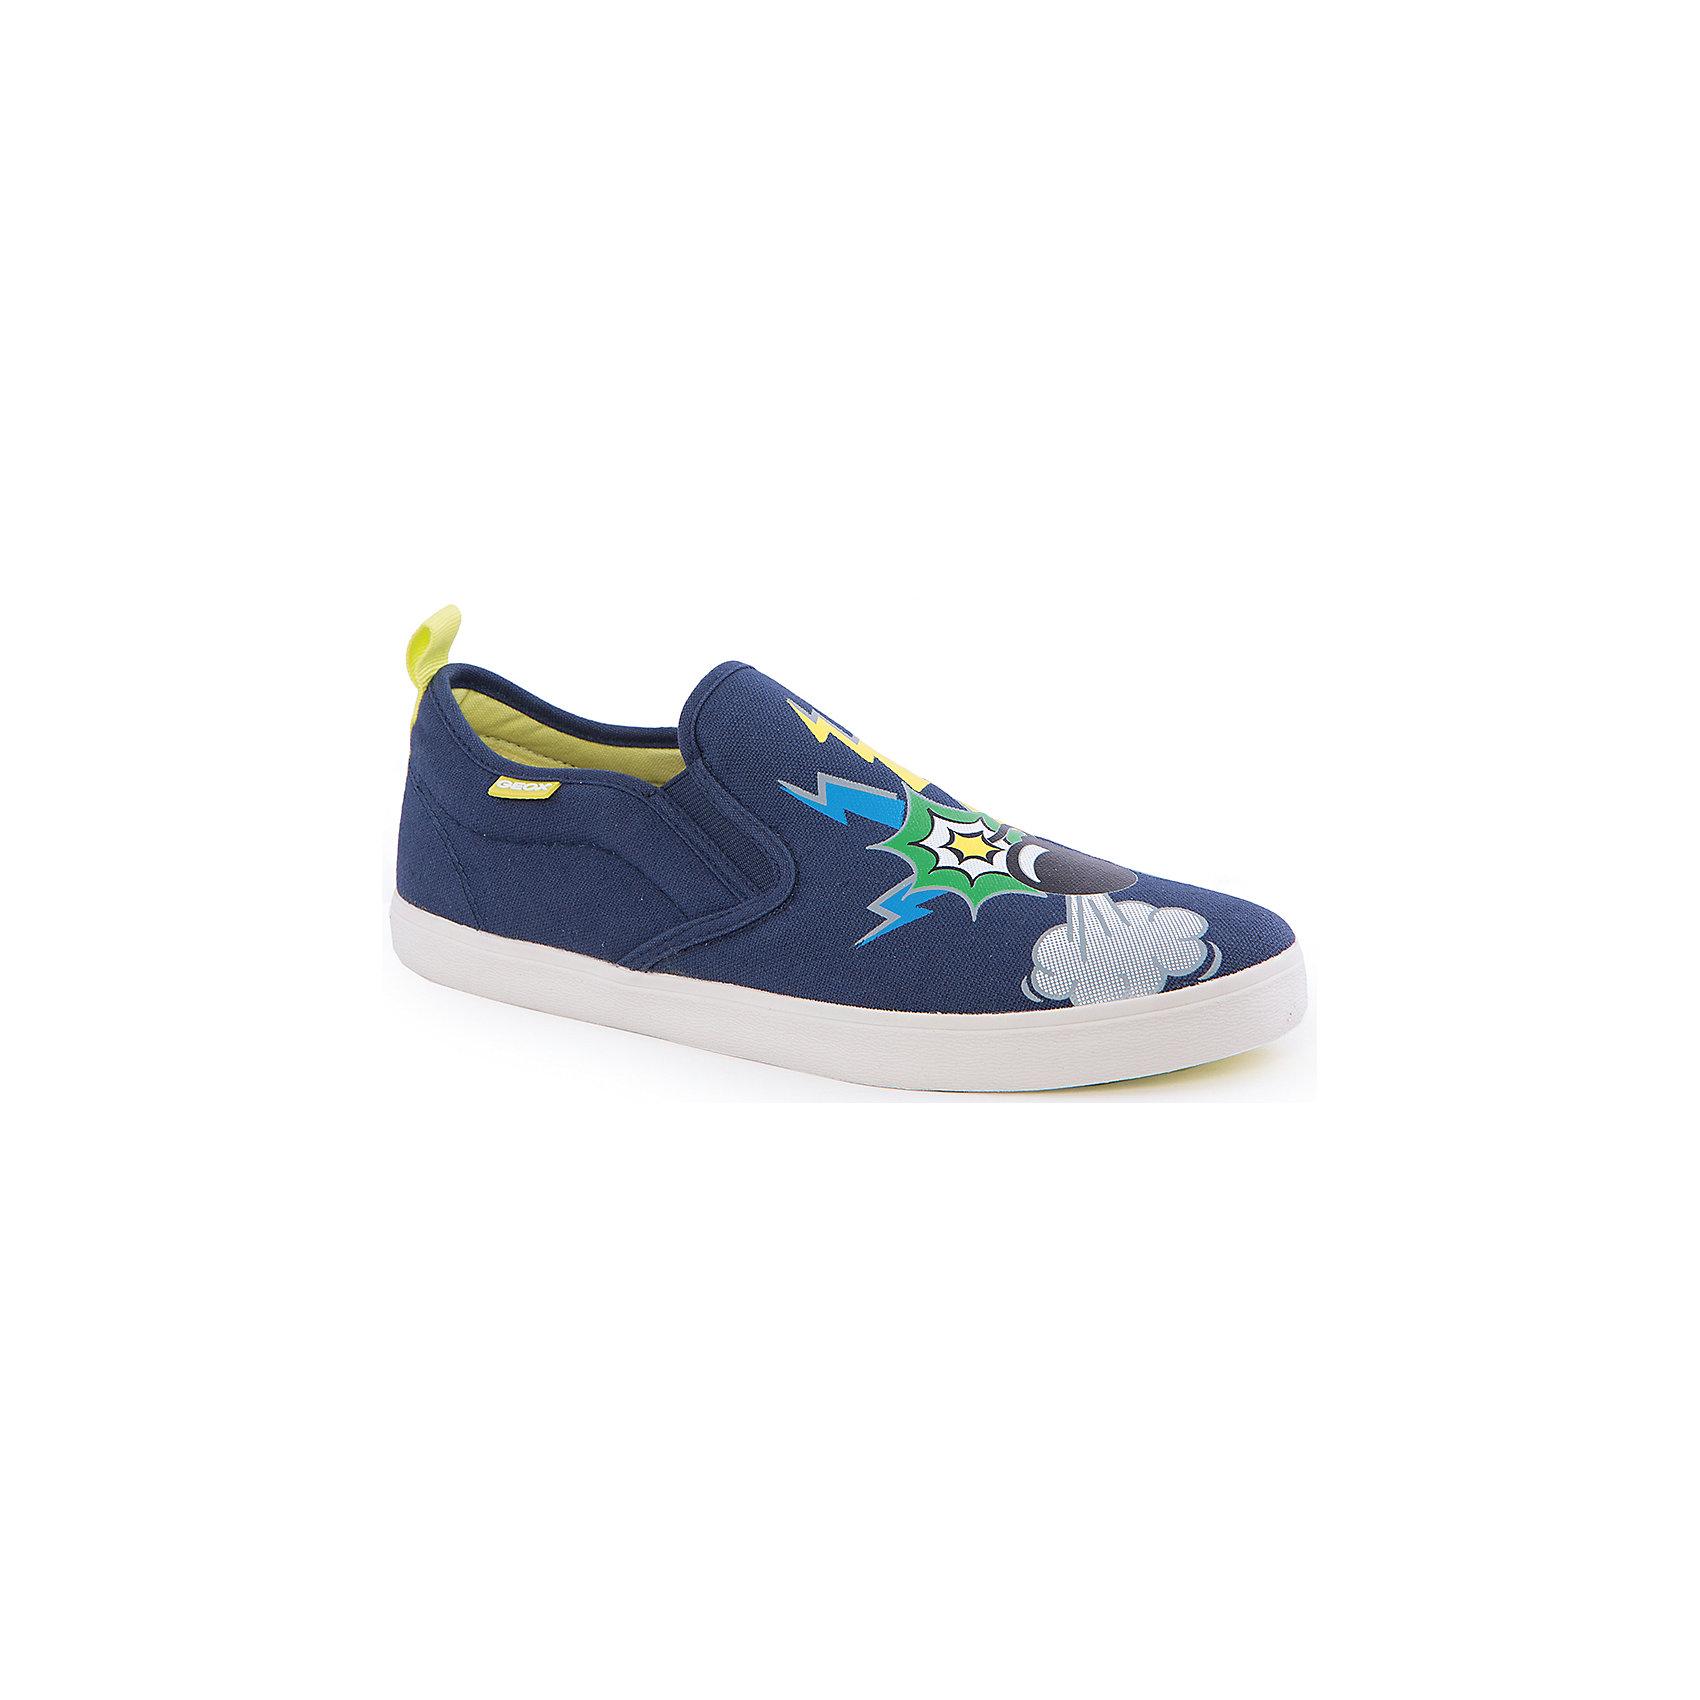 Слипоны для мальчиков GeoxСлипоны<br>Слипоны для мальчика от популярной марки GEOX (Геокс).<br><br>Синие легкие Слипоны с принтом - отличная обувь для нового весеннего сезона. Модель очень стильно и оригинально смотрится.<br>Производитель обуви заботится не только о внешнем виде, но и стабильно высоком качестве продукции. GEOX (Геокс) разработал специальную дышащую подошву, которая не пропускает влагу внутрь, а также высокотехнологичную стельку.<br><br>Отличительные особенности модели:<br><br>- цвет: темно-синий;<br>- декорированы принтом;<br>- гибкая водоотталкивающая подошва с дышащей мембраной;<br>- мягкий и легкий верх;<br>- стильный дизайн;<br>- без застежек;<br>- комфортное облегание;<br>- верх обуви и подкладка сделаны без использования хрома.<br><br>Дополнительная информация:<br><br>- Температурный режим: от +10° С до 25° С.<br><br>- Состав:<br><br>материал верха: текстиль<br>материал подкладки: текстиль<br>подошва: 100% резина<br><br>Слипоны для мальчика GEOX (Геокс) (Геокс) можно купить в нашем магазине.<br><br>Ширина мм: 250<br>Глубина мм: 150<br>Высота мм: 150<br>Вес г: 250<br>Цвет: синий<br>Возраст от месяцев: 24<br>Возраст до месяцев: 36<br>Пол: Мужской<br>Возраст: Детский<br>Размер: 26,28,39,38,37,27,36,35,34,33,32,31,30,29<br>SKU: 4519554